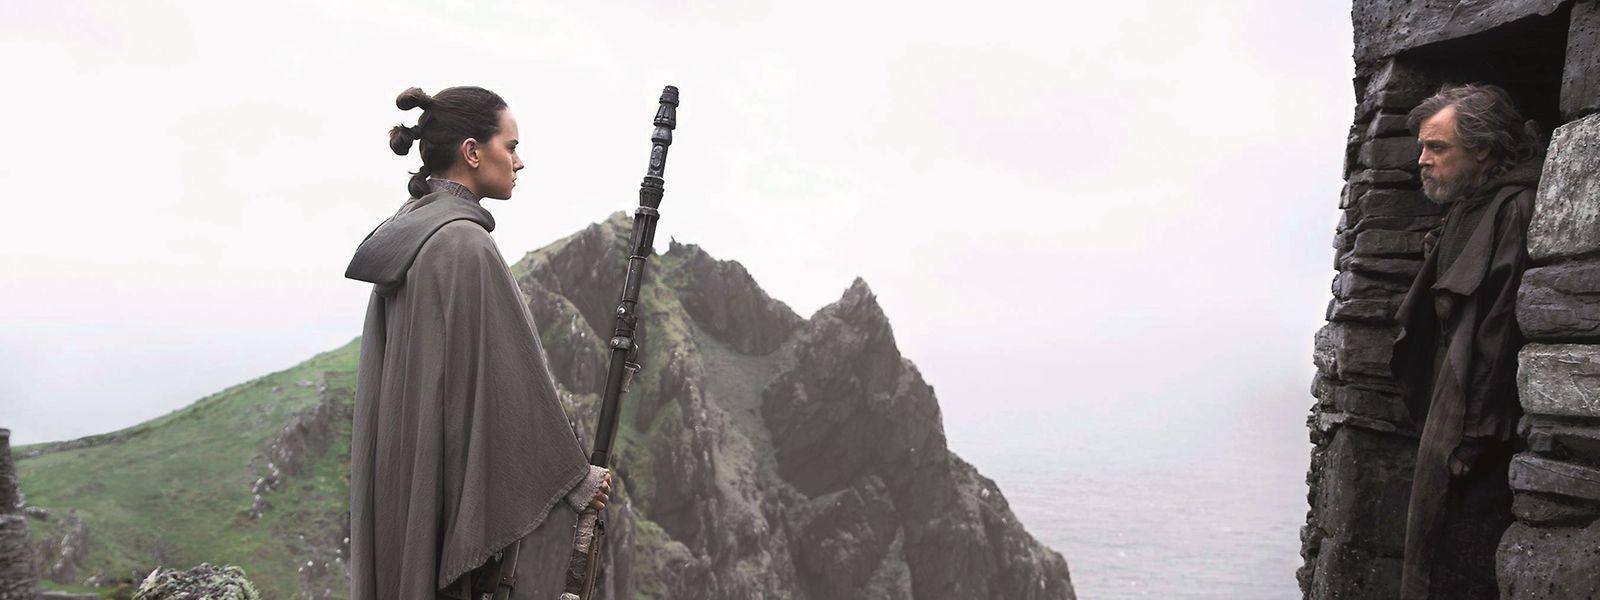 Rey (Daisy Ridley) sucht und findet Luke Skywalker (Mark Hamill) - jedoch keine Antworten auf ihre Fragen.